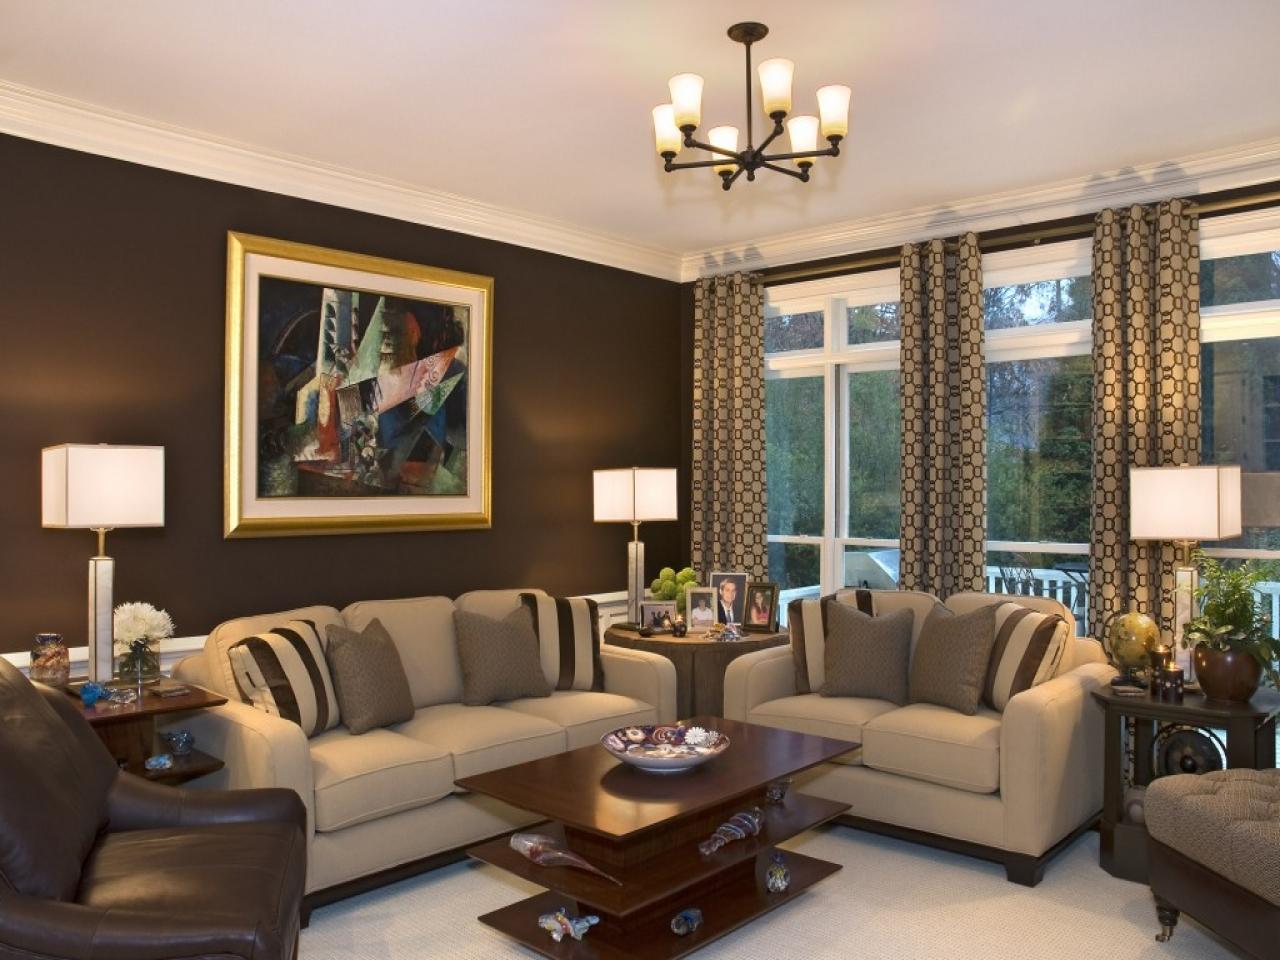 коричневый цвет стен в гостиной